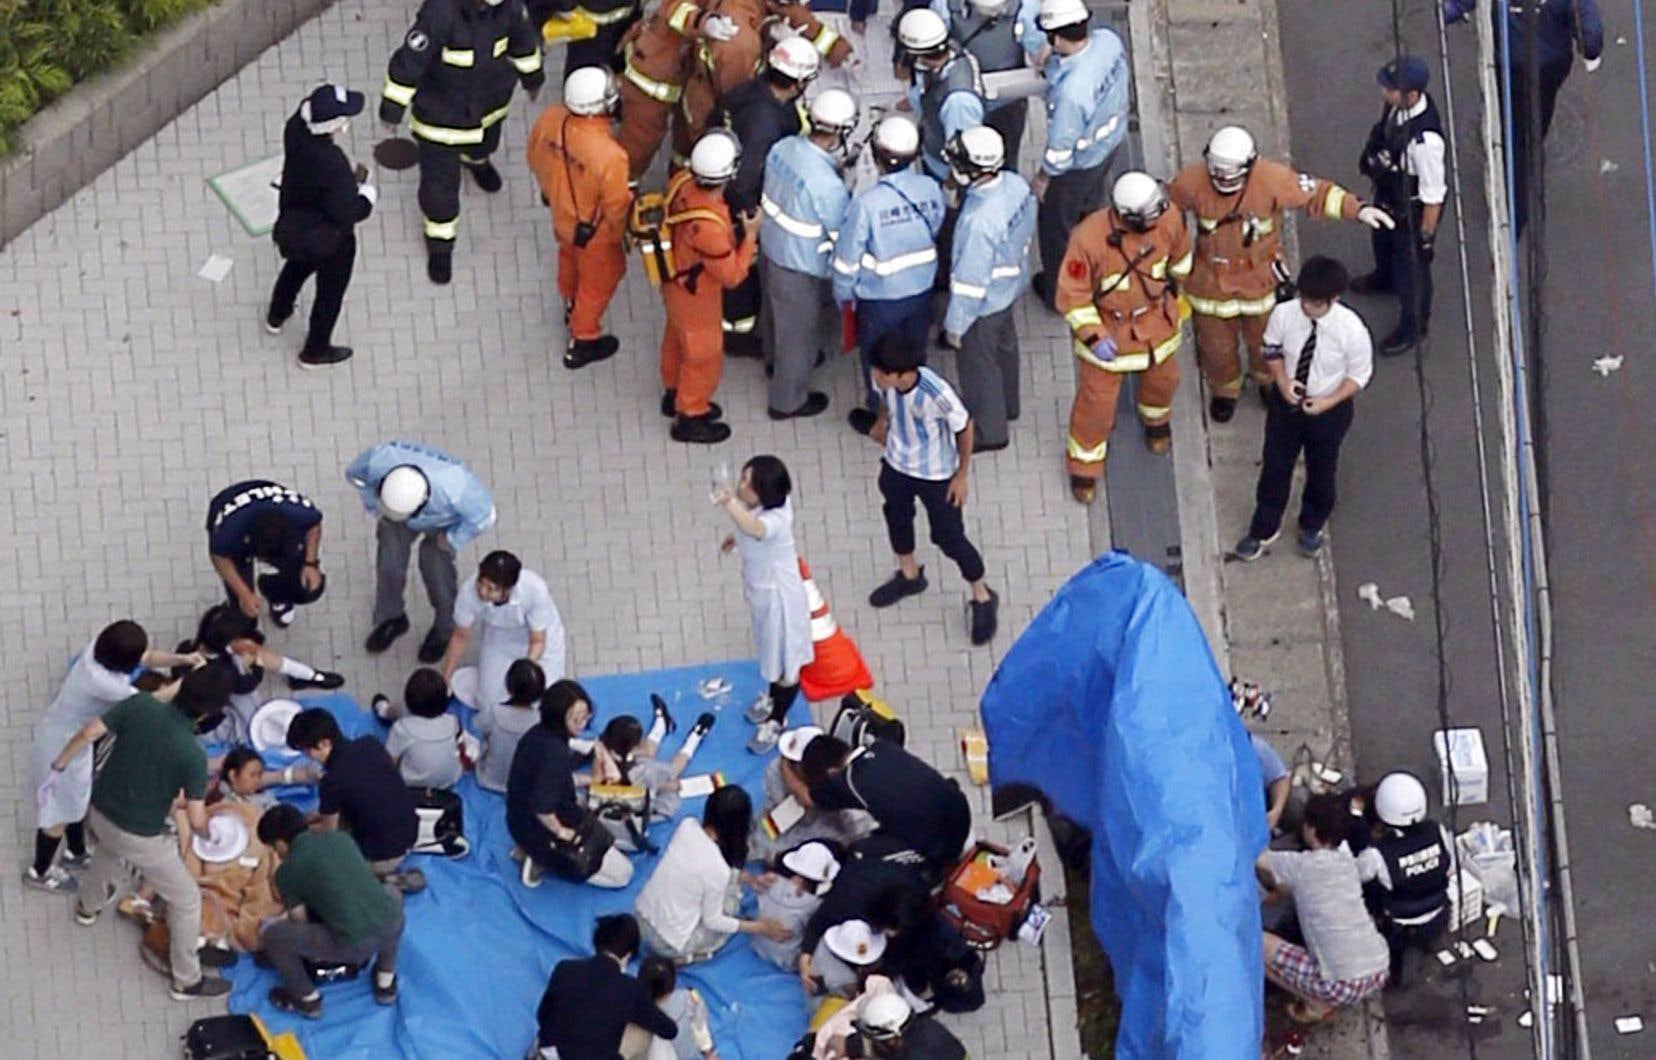 Les tueries de masse sont rares au Japon, qui dispose d'une législation de contrôle des armes très stricte et d'un taux de criminalité relativement faible.